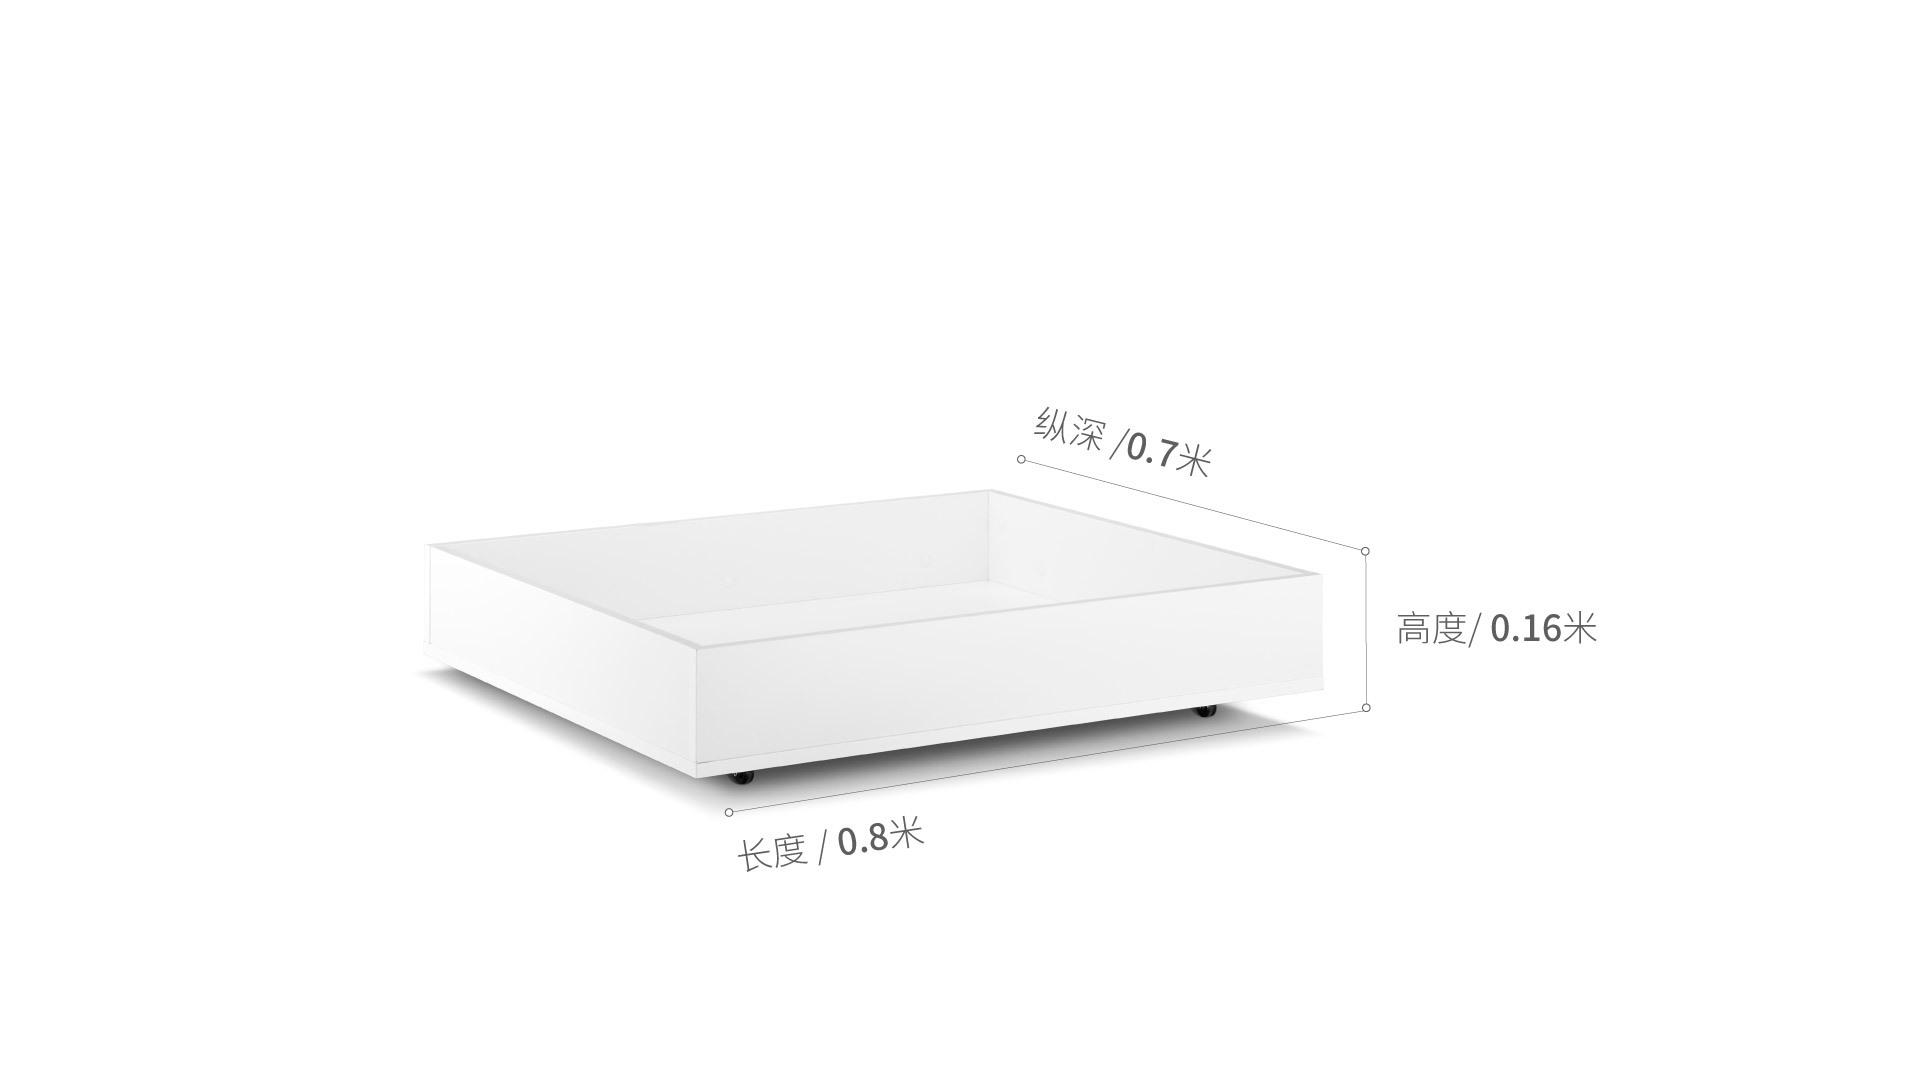 画板床®床下储物盒床·床具效果图